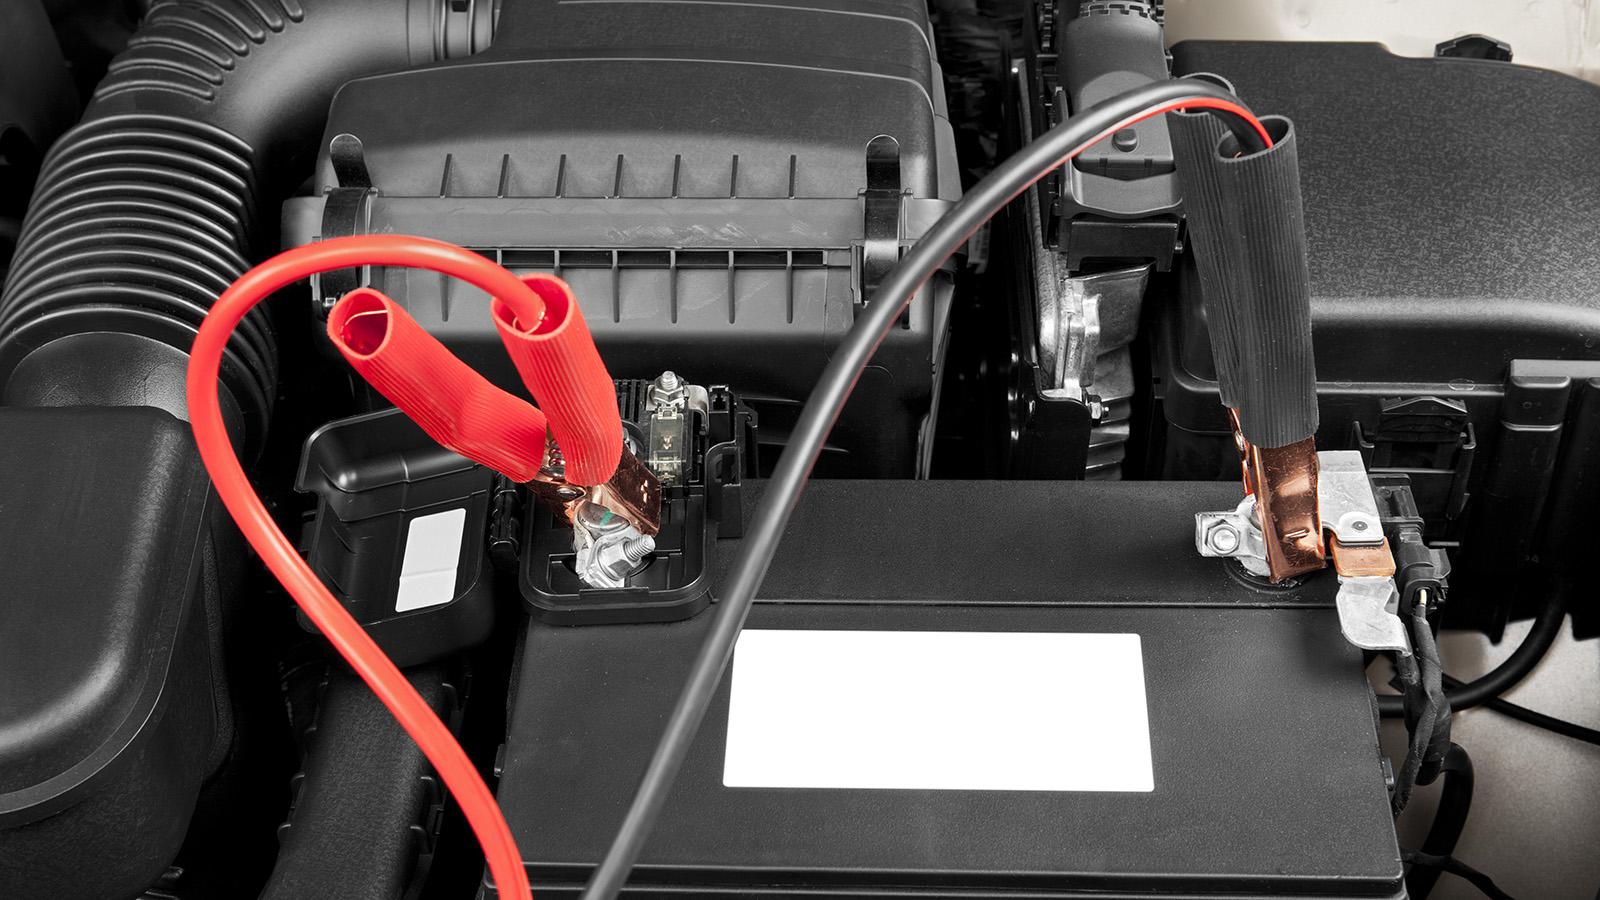 Motor Vehicle Wiring Basics